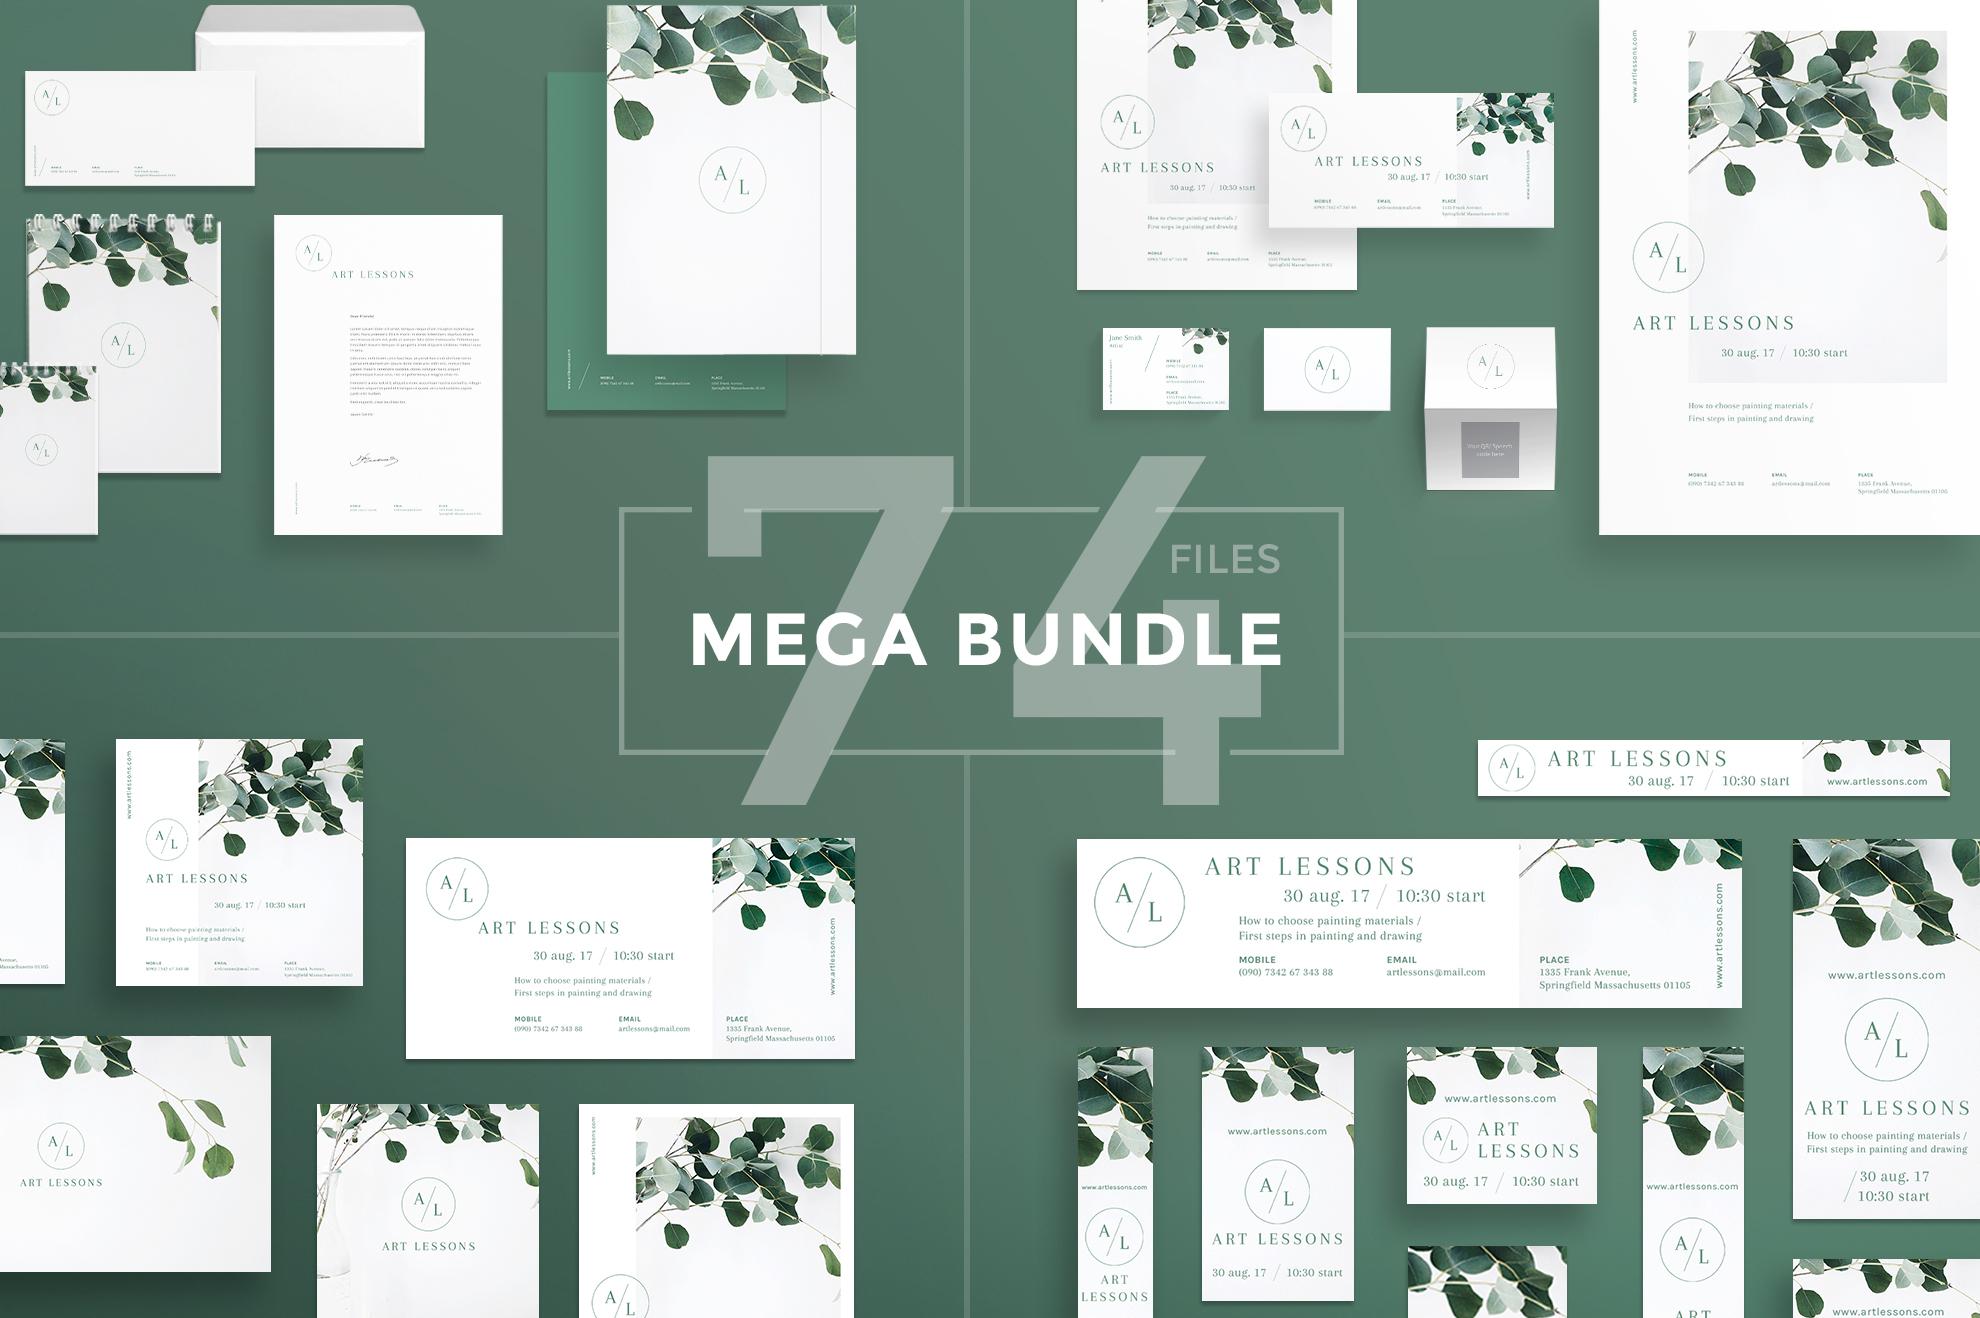 Art Lessons Masterclass Workshop Design Templates Bundle example image 1